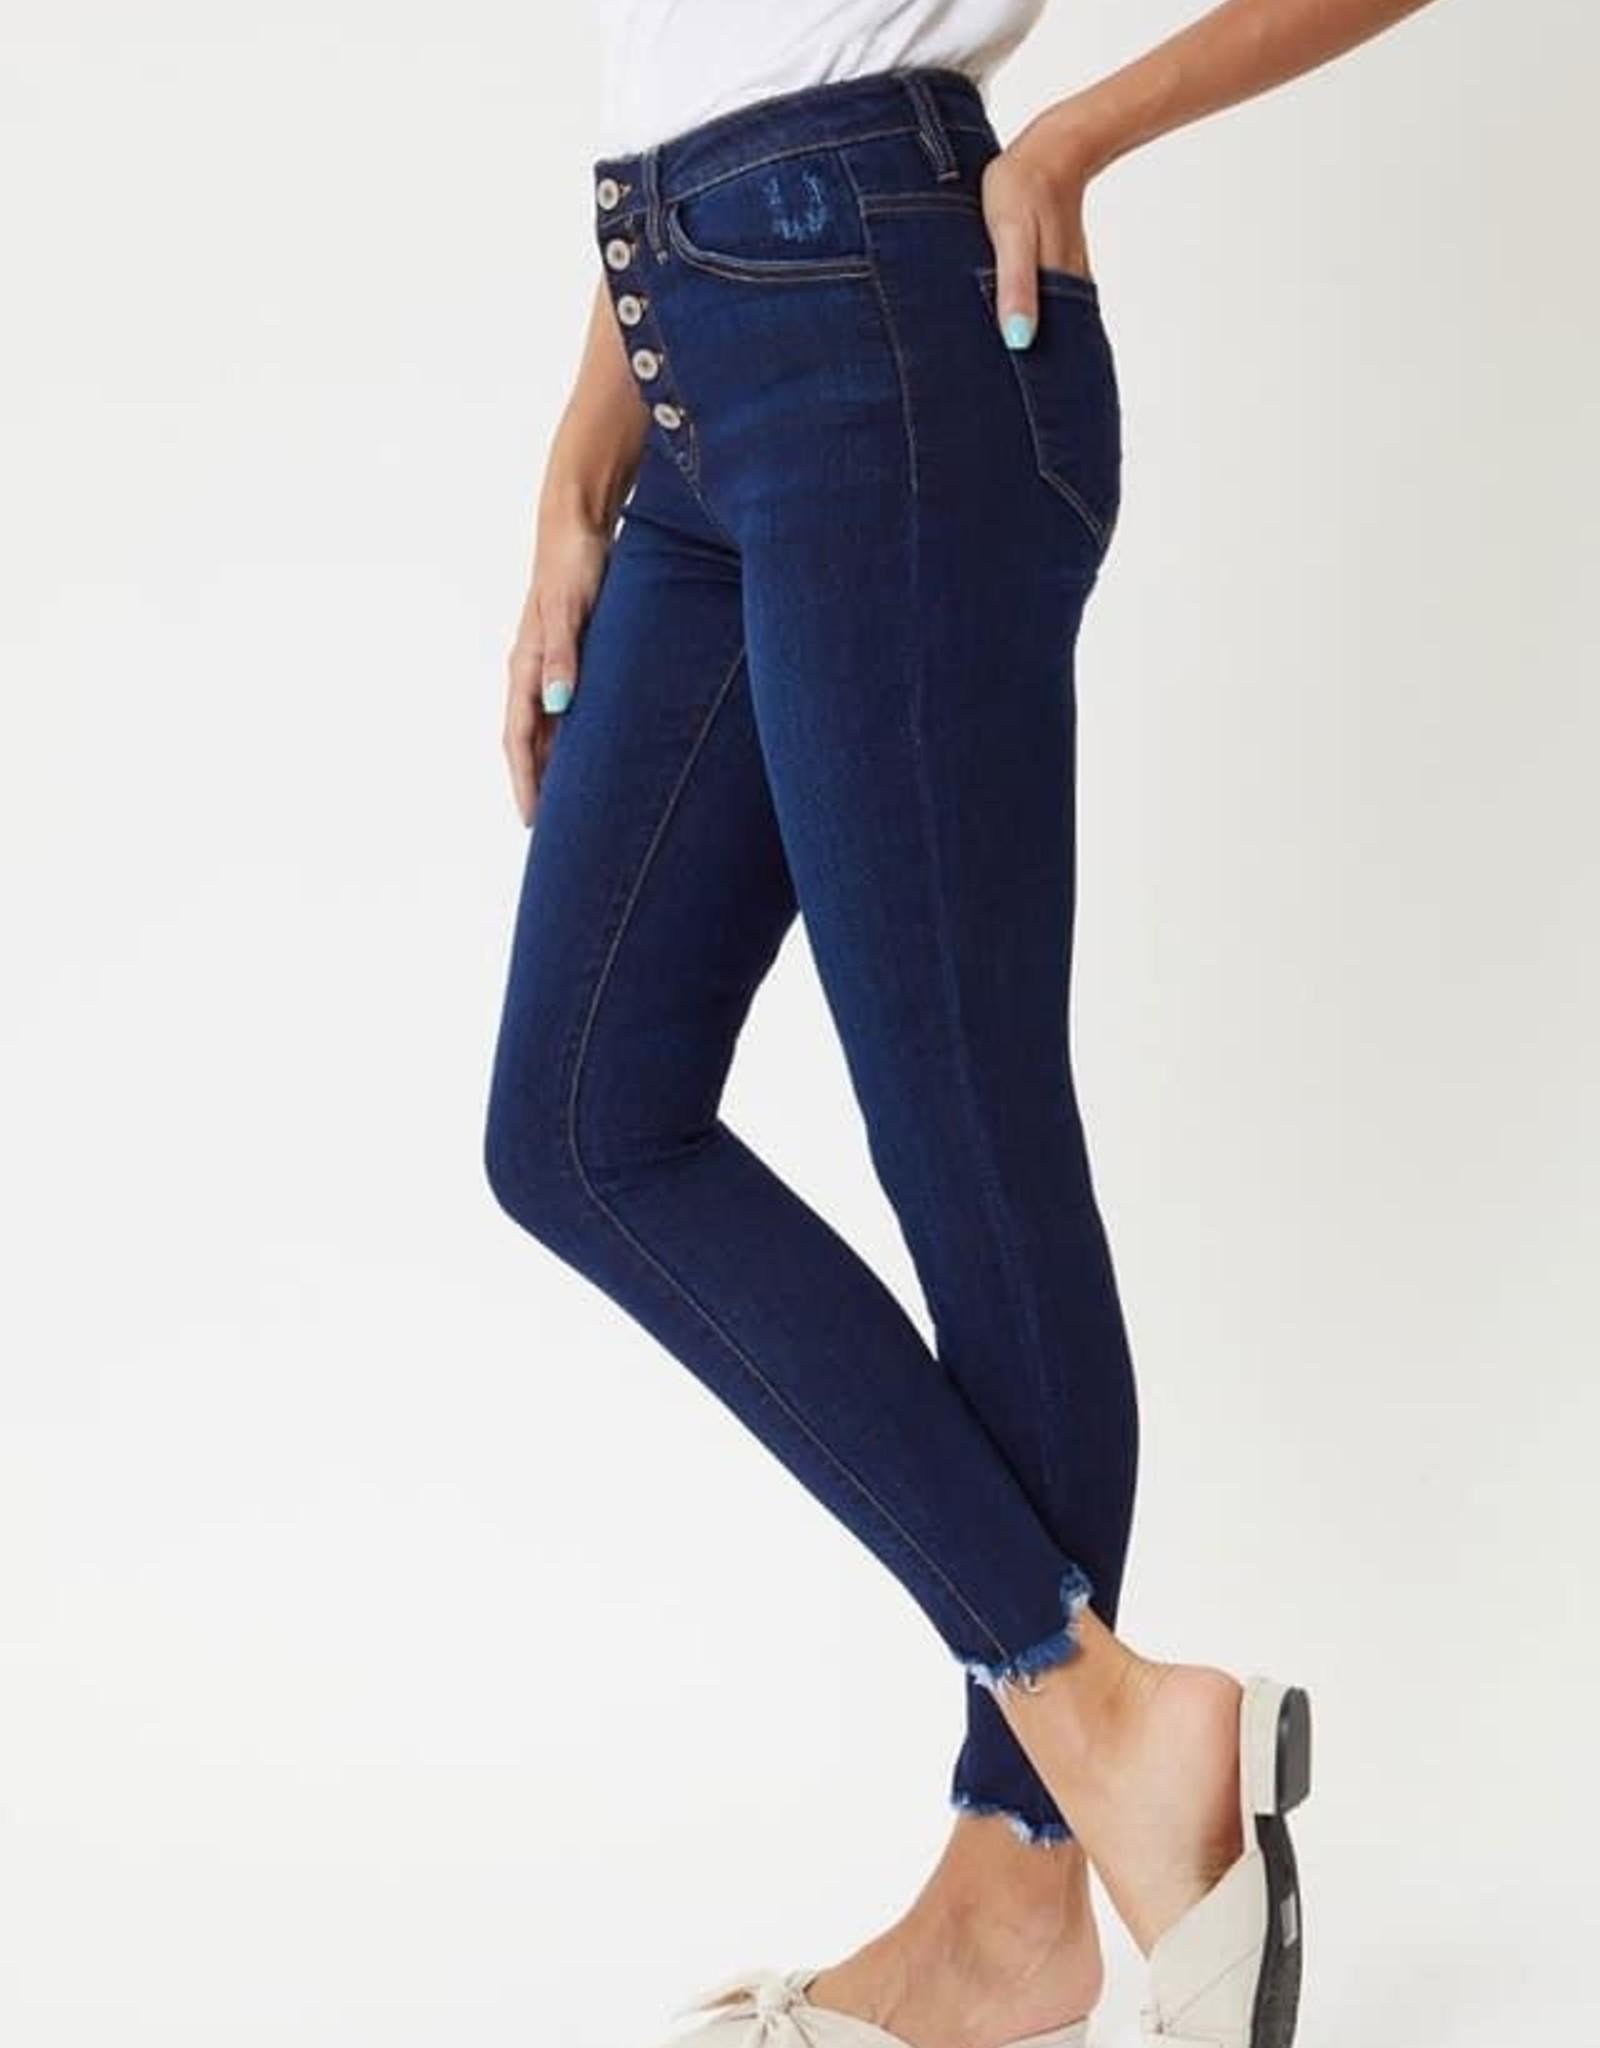 KanCan Super High Rise Super Skinny Jean in Dark Denim